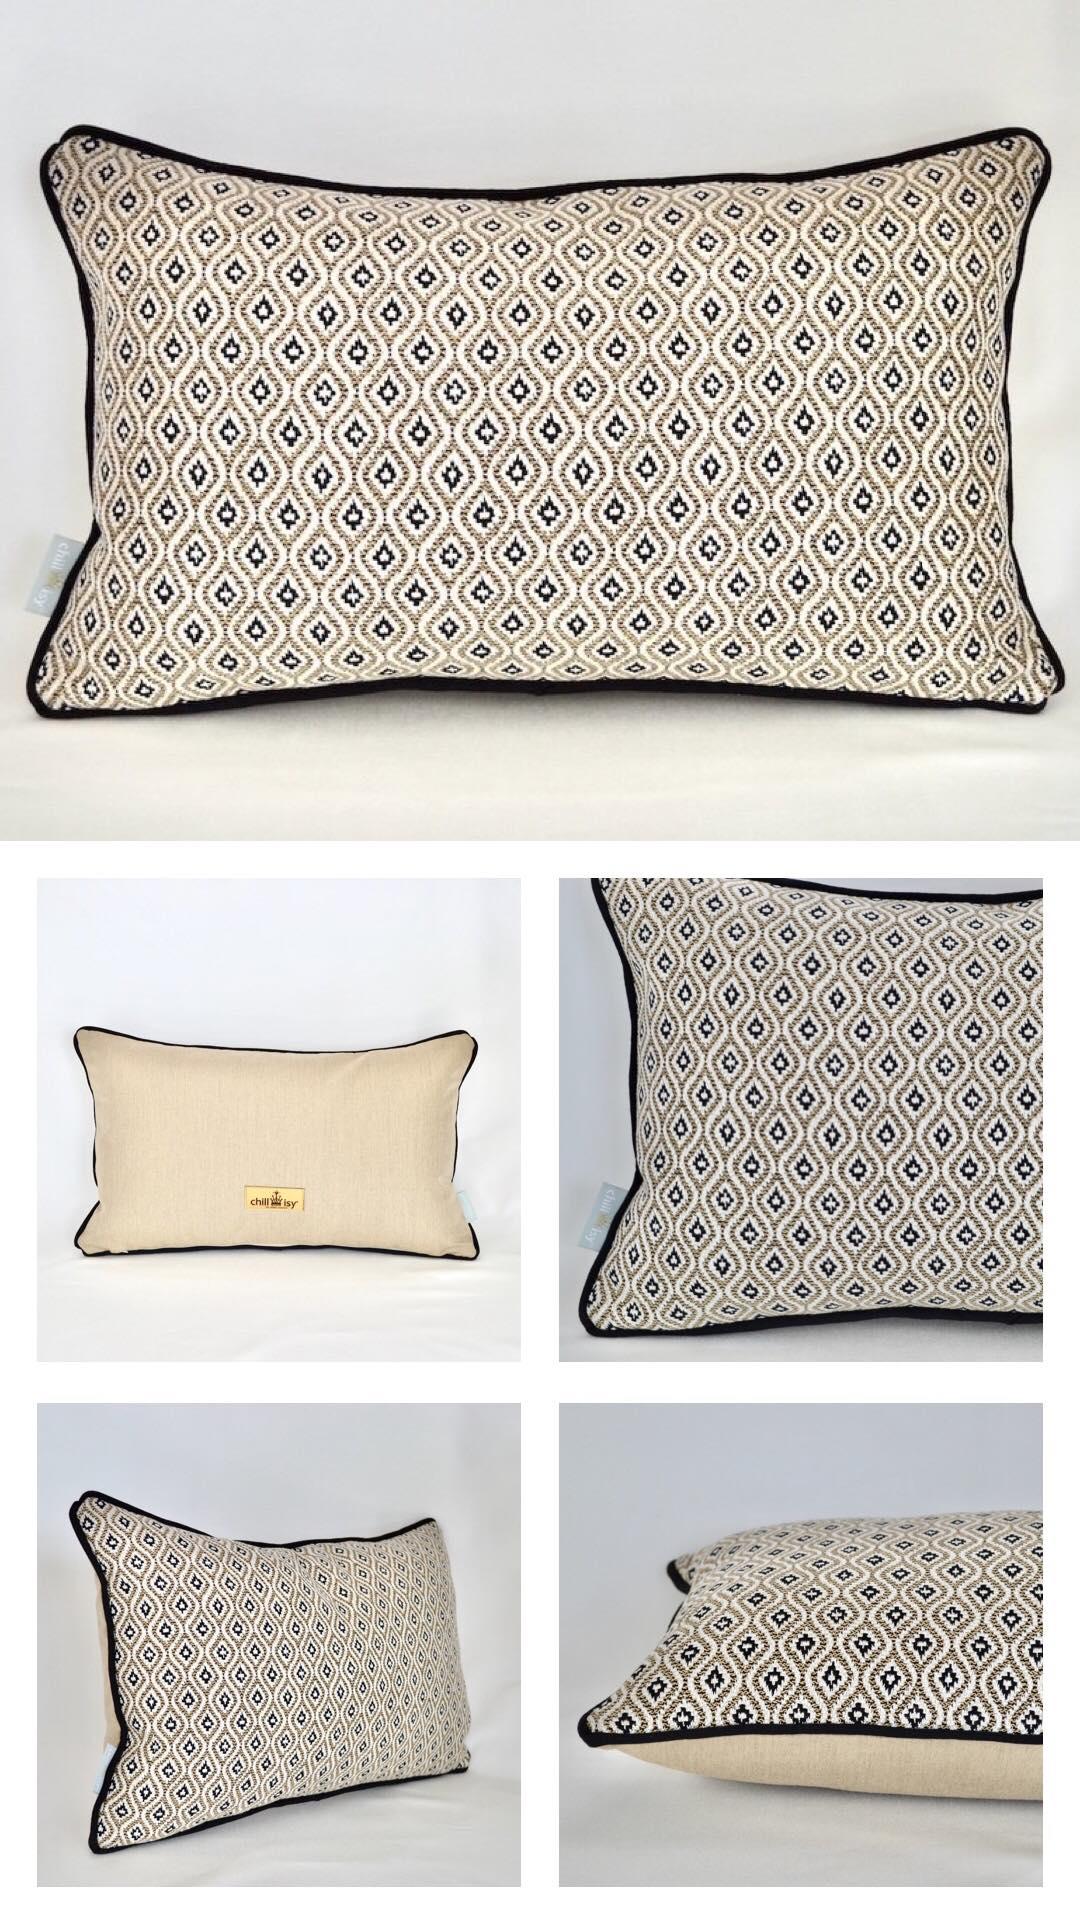 Neue Kissen Kollektionen KOMO RAFFIA von chillisy aus Sunbrella Textil